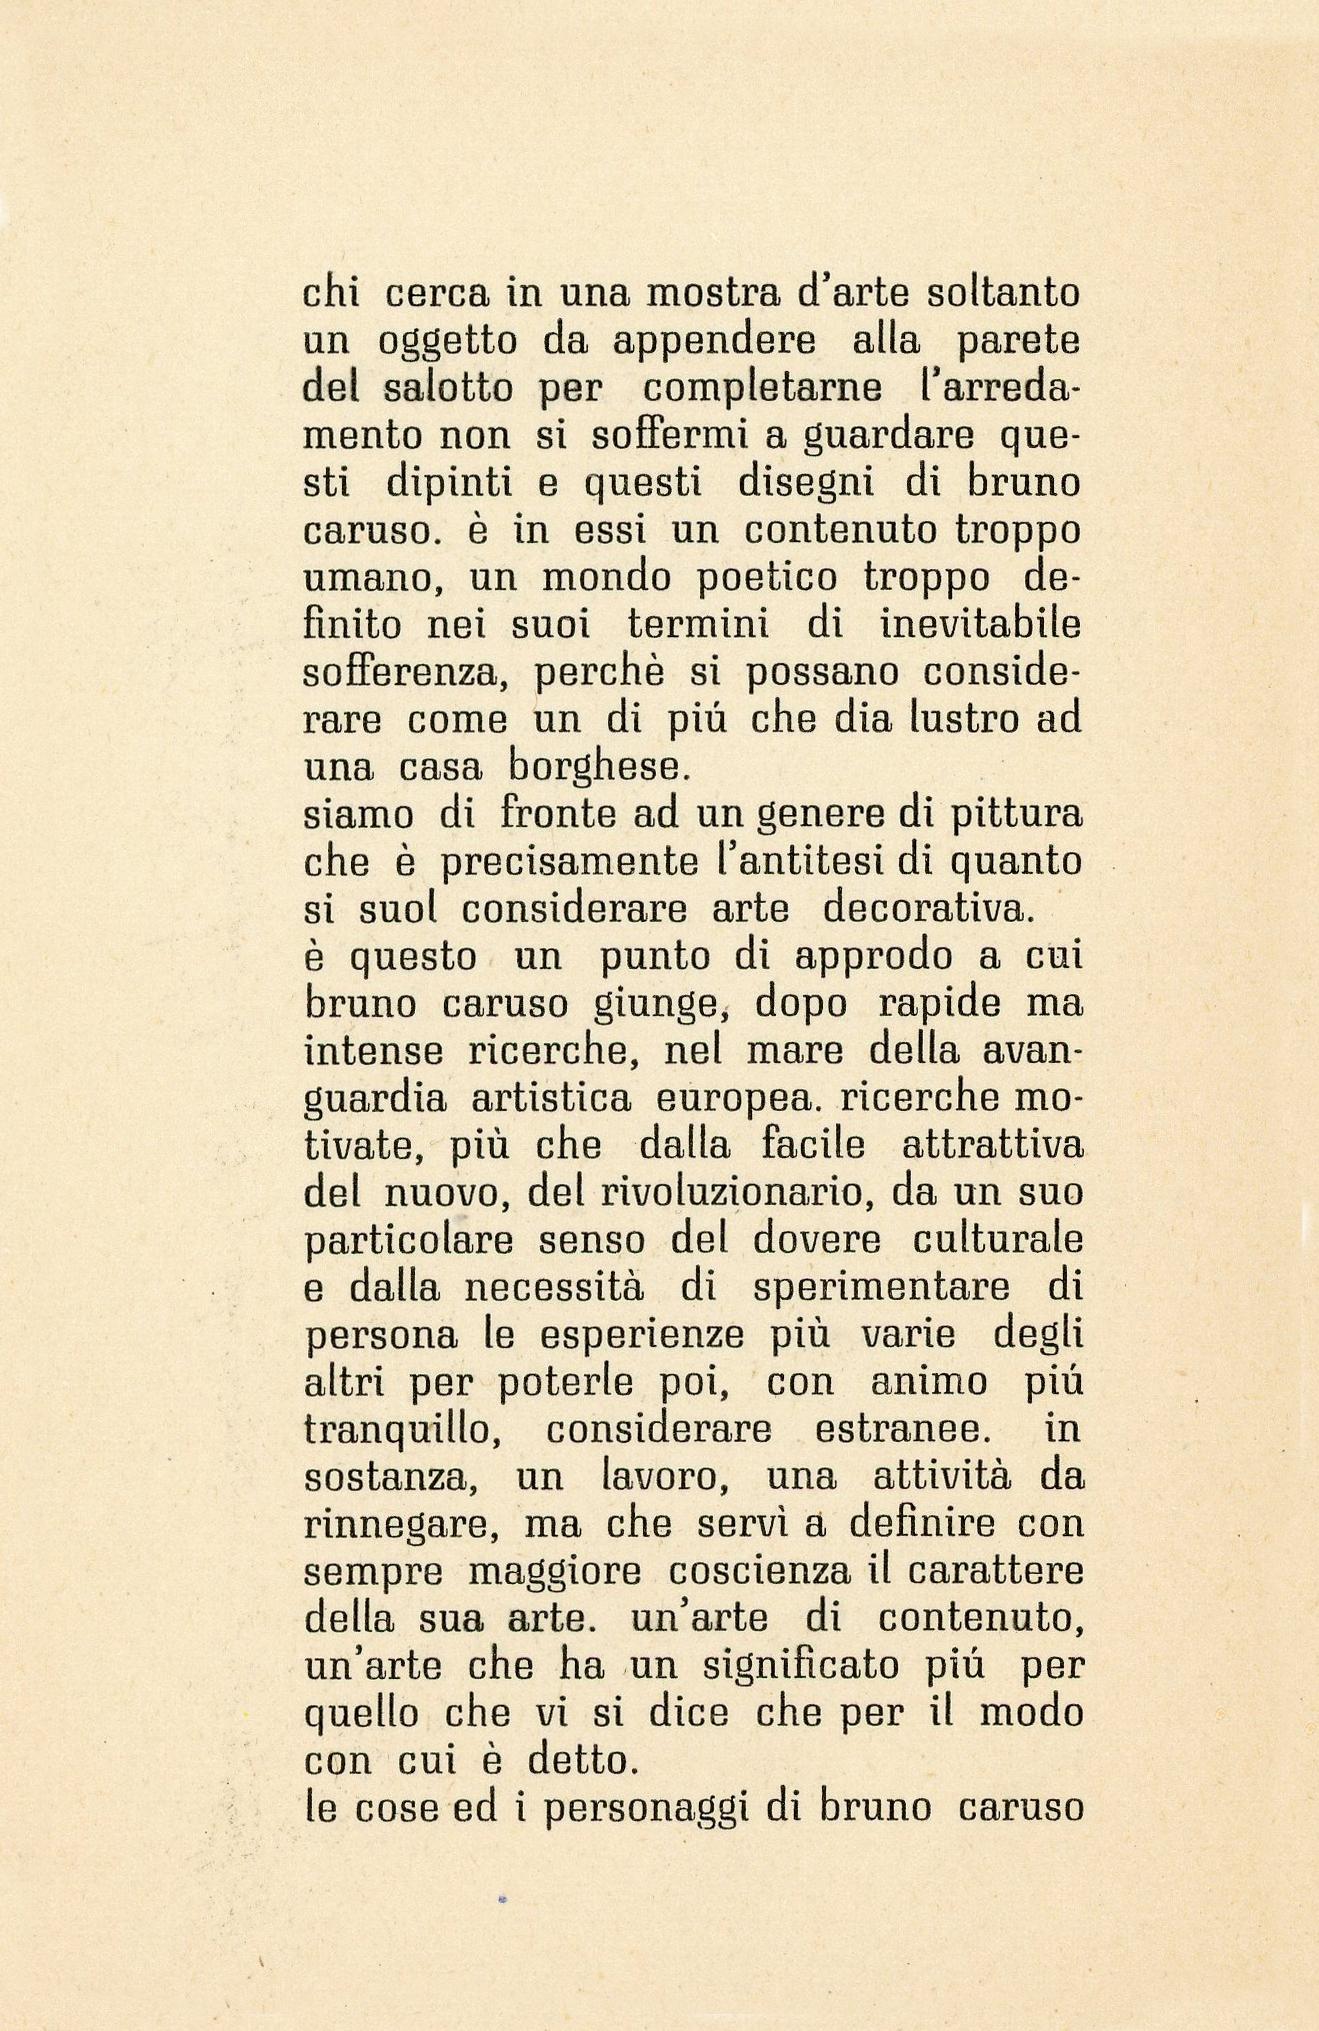 1952-03 La Serenella - Bruno Caruso_02.jpg